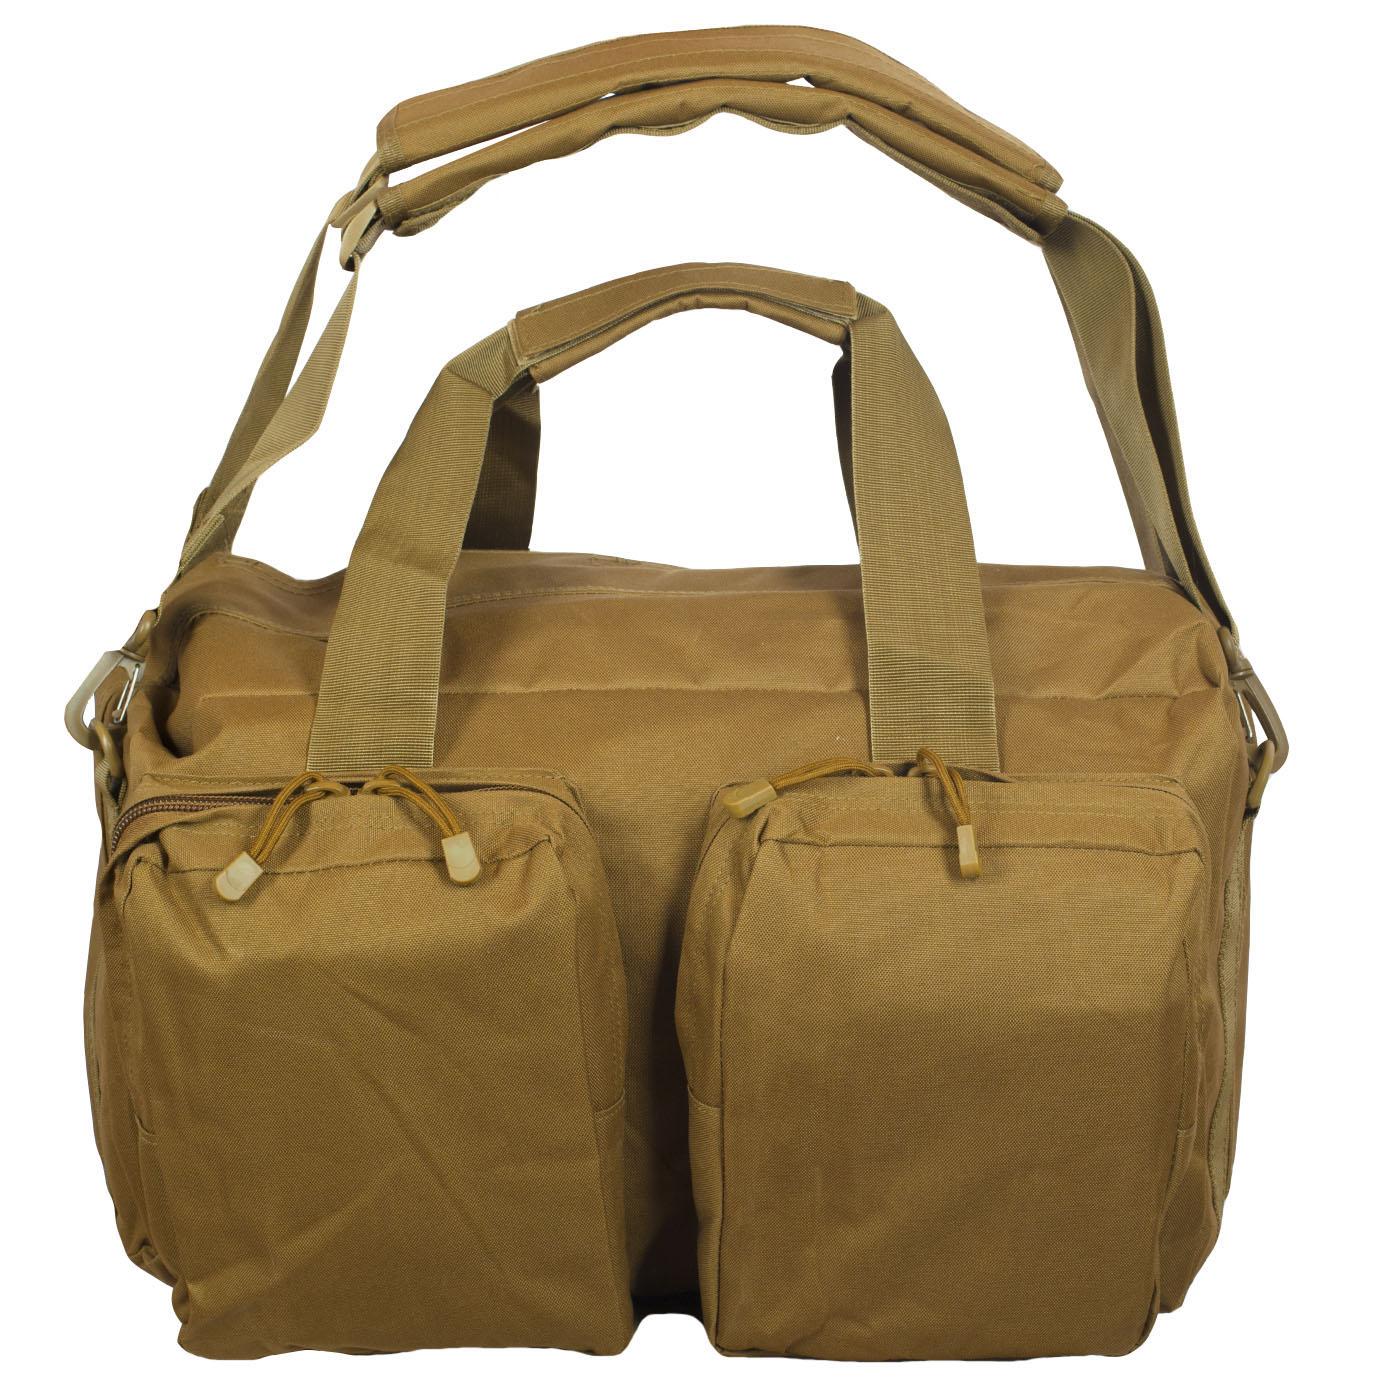 Дорожная сумка-рюкзак с нашивкой Русская Охота - купить в подарок